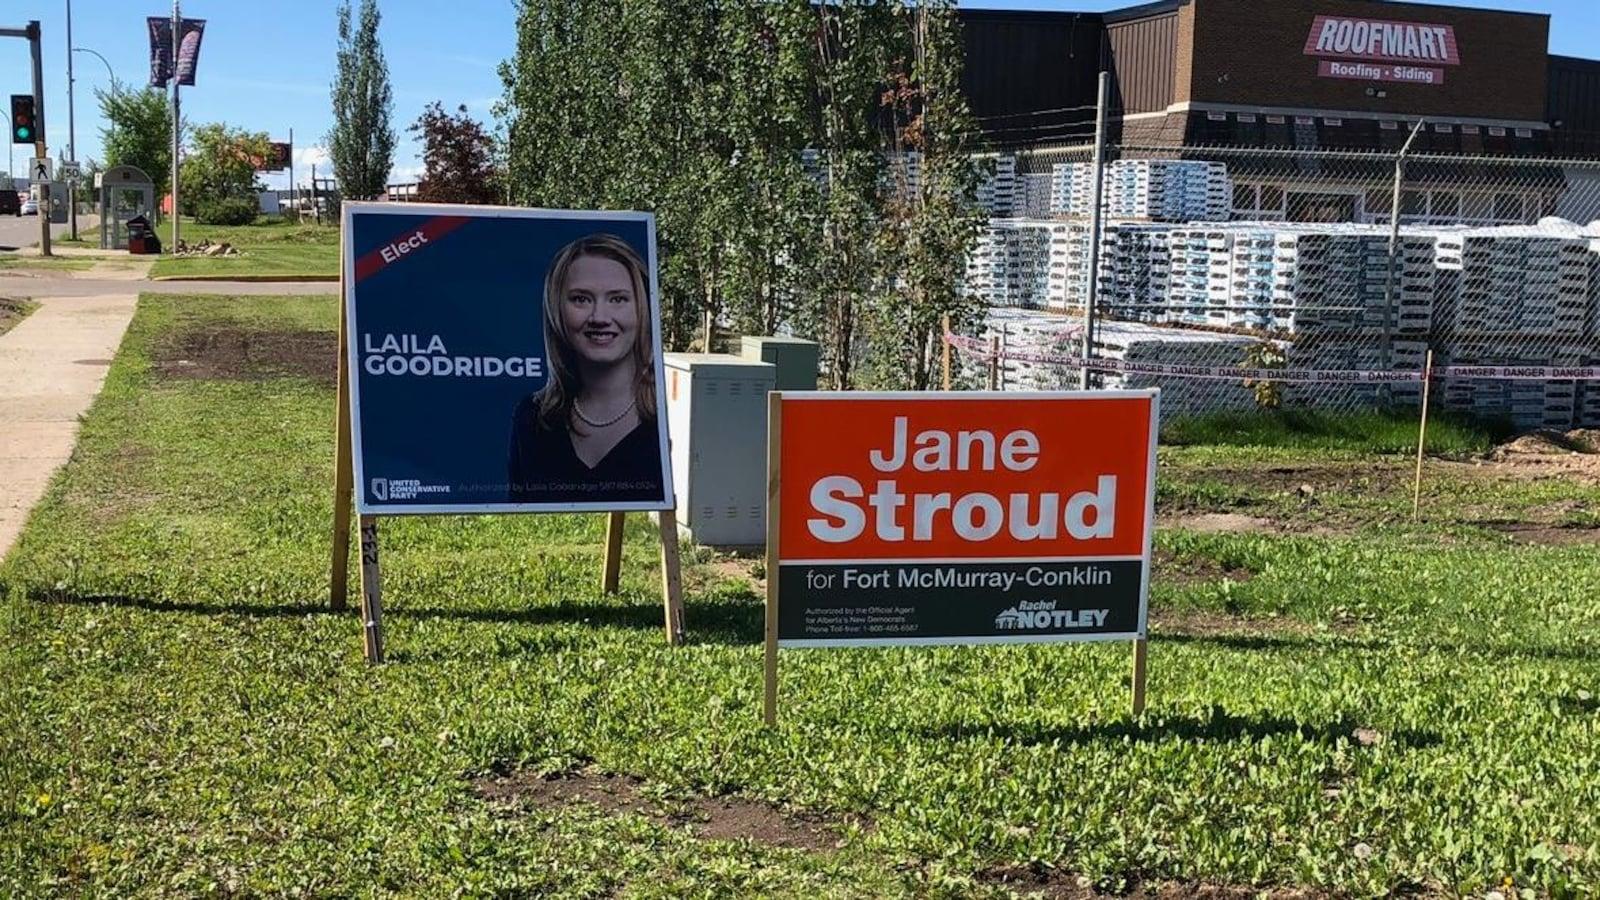 Des pancartes électorales pour la candidate du PCU, Laila Goodridge, et celle du NPD, Jane Stroud.